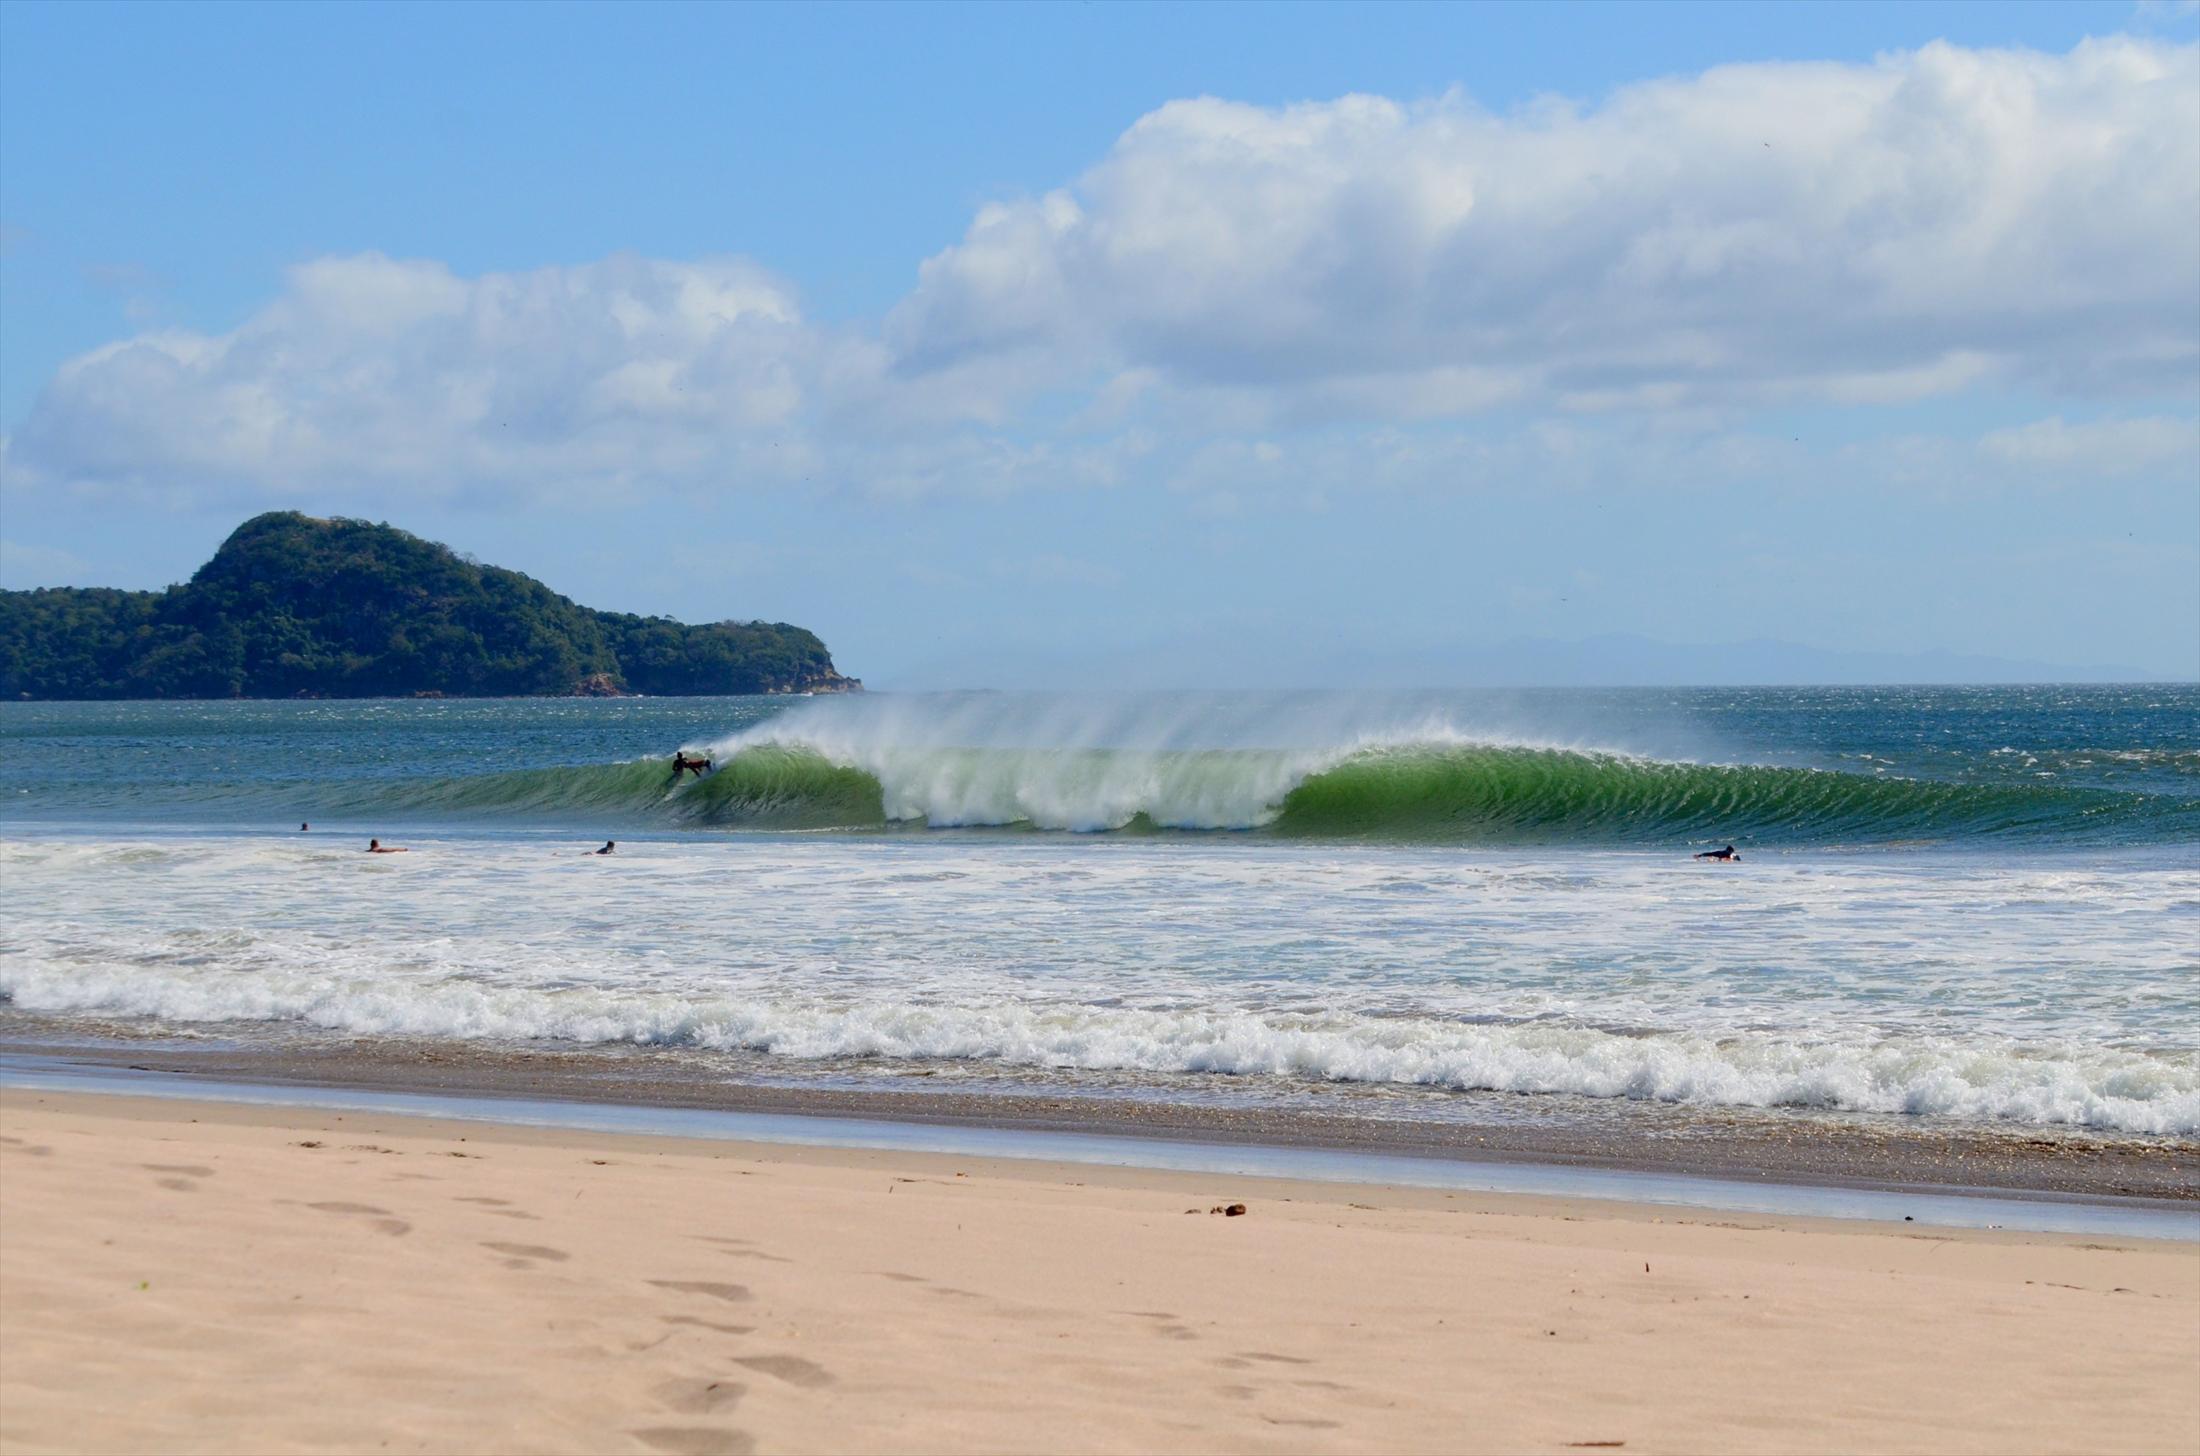 Surf Gt Playa Colorado Shoulder High Clean